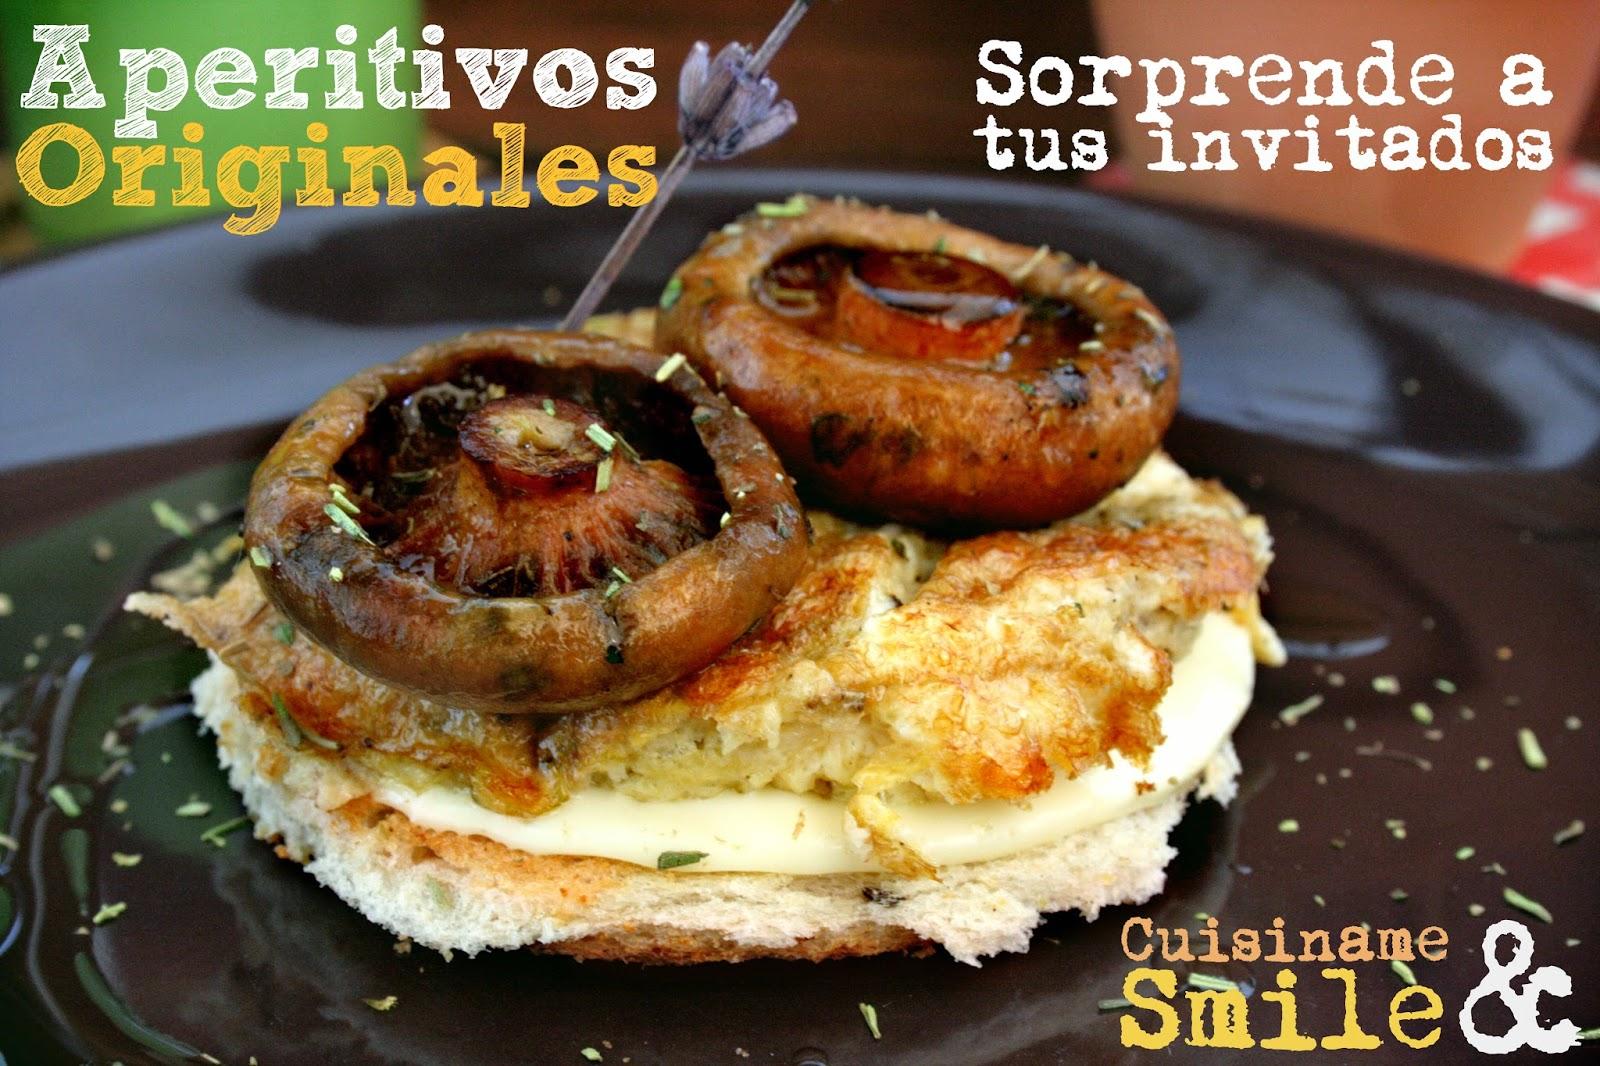 Marvelous Tapas, Tapas Originales, Aperitivos, Rebollones, Robellones, Níscalos,  Tortilla, Huevos